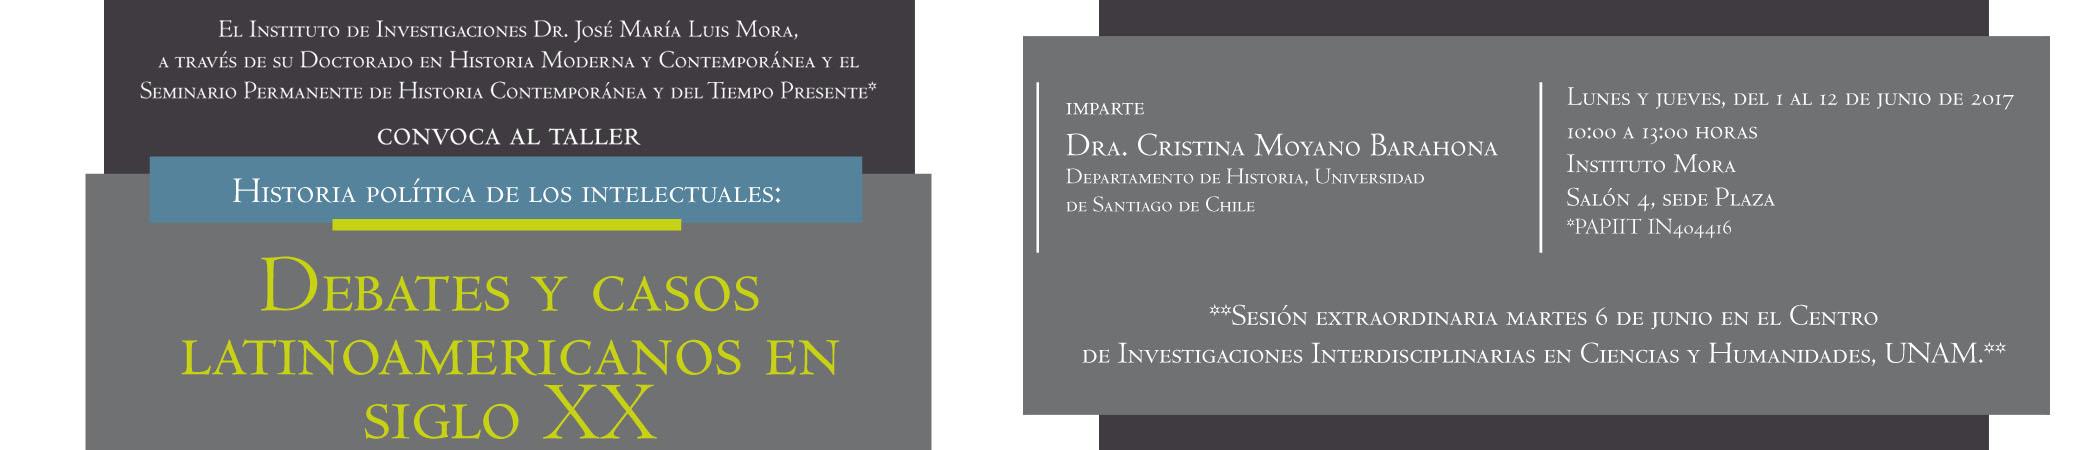 Taller Historia política de los intelectuales: Debates y casos latinoamericanos en siglo XX